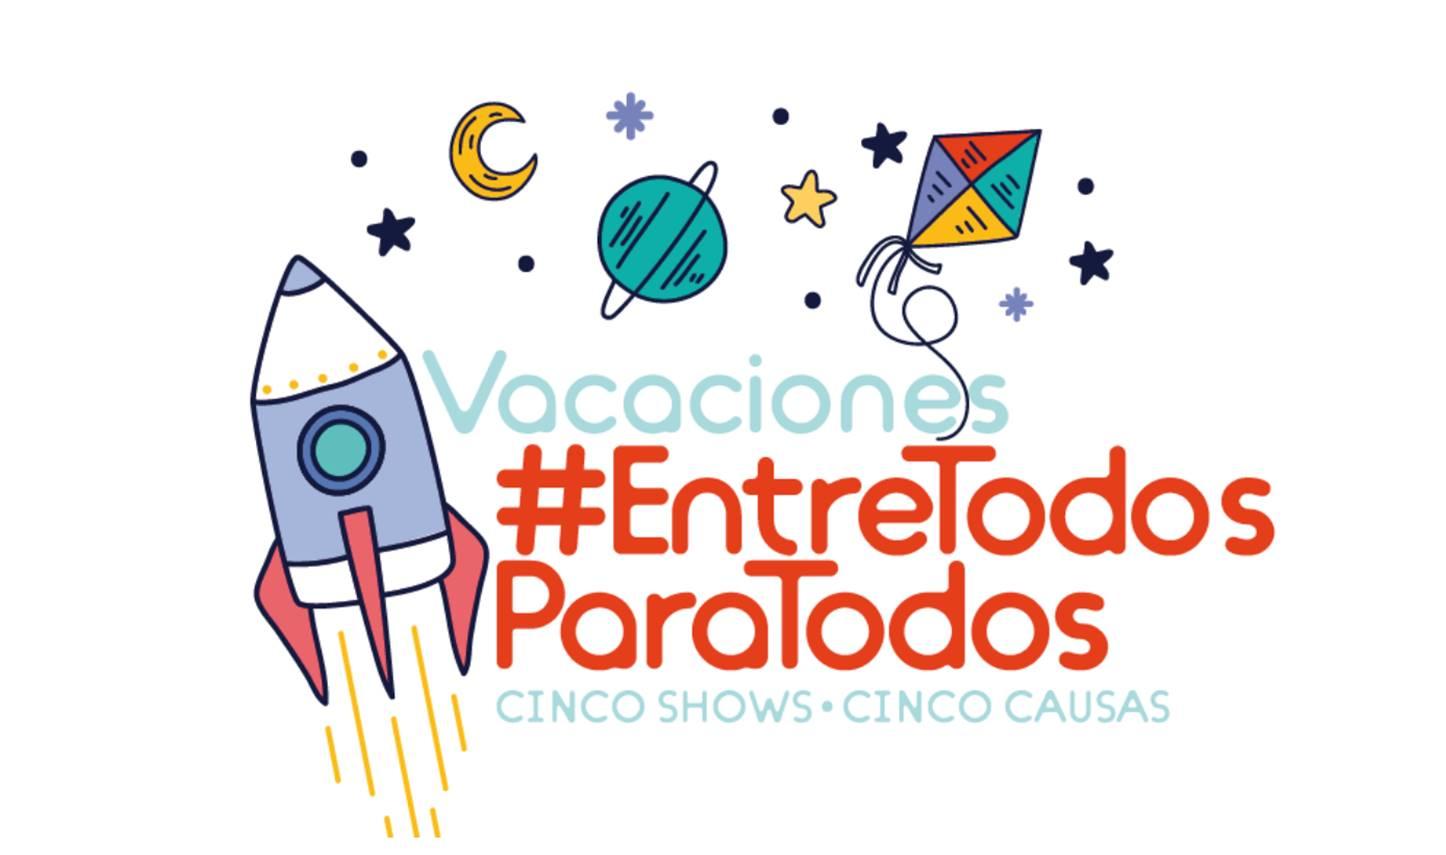 BITAFAL PARTICIPÓ DE LA ACCIÓN Vacaciones #Entretodosparatodos